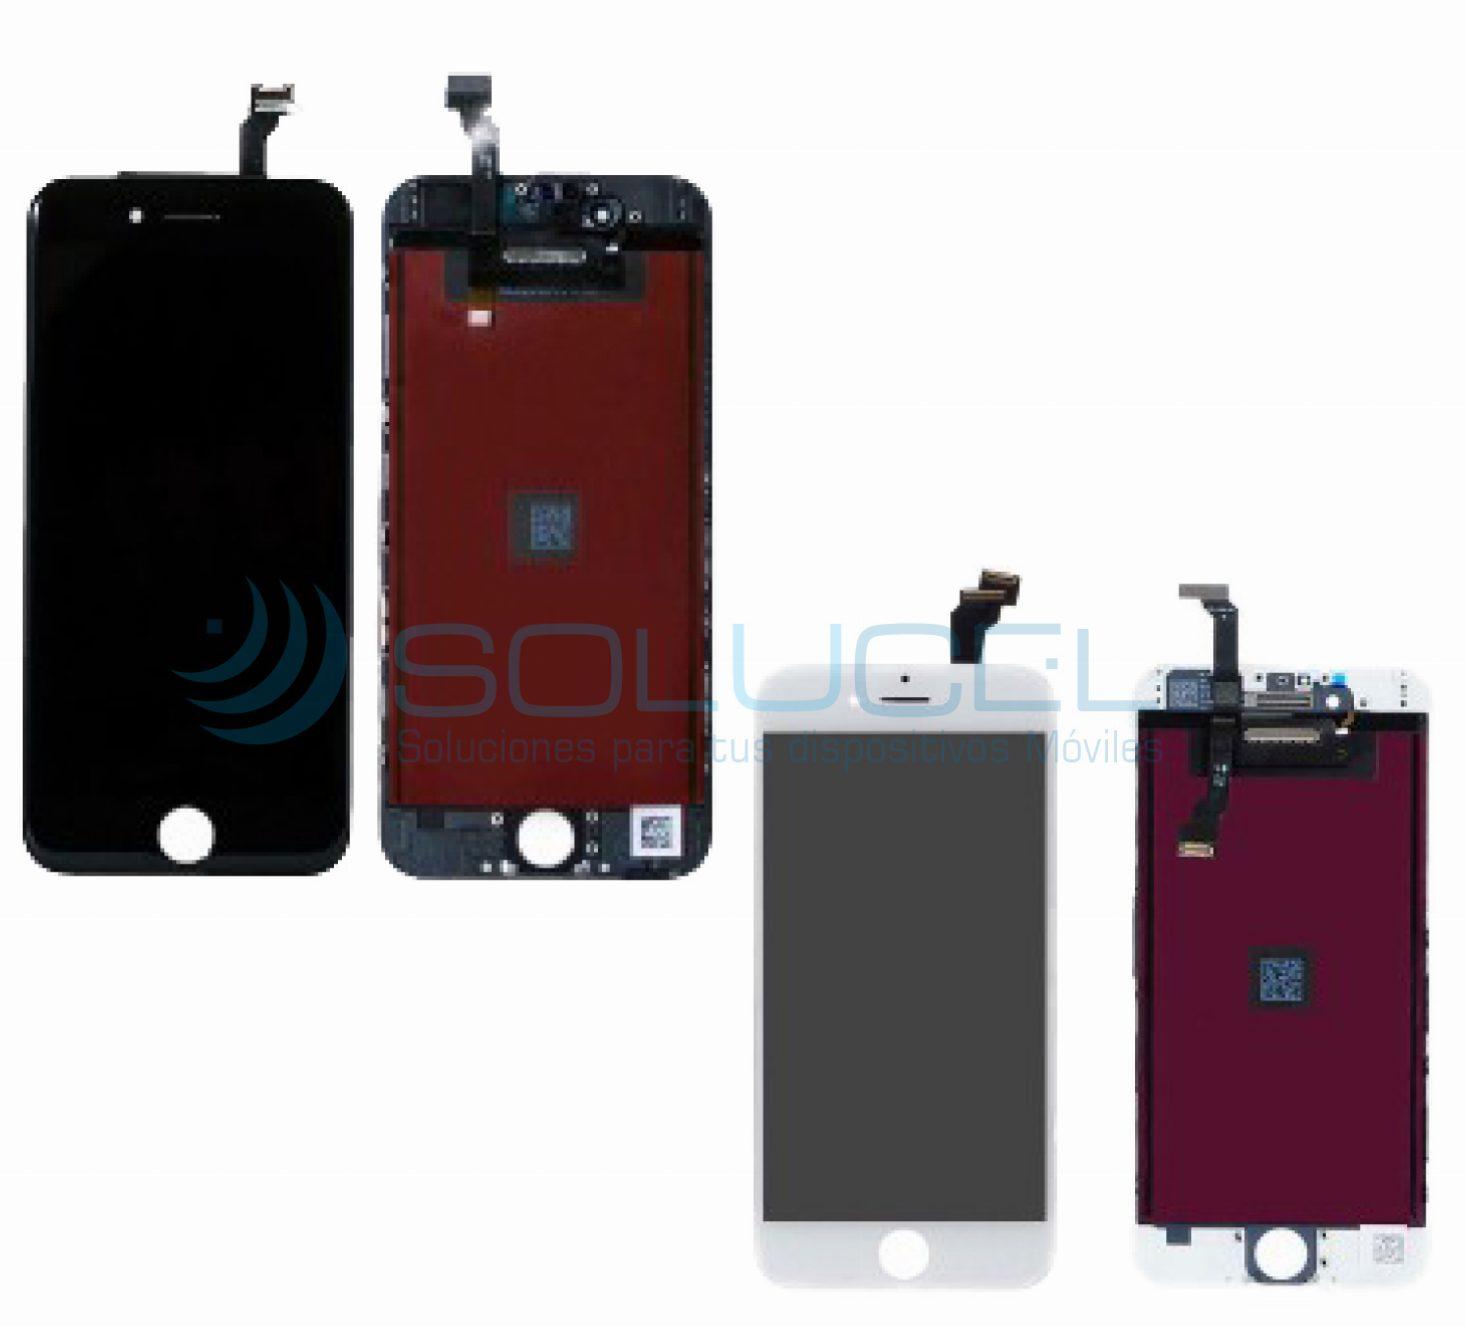 8f921f9ed29 Cambio de modulo Display LCD, vidrio y táctil iPhone 6 Plus – Solucel